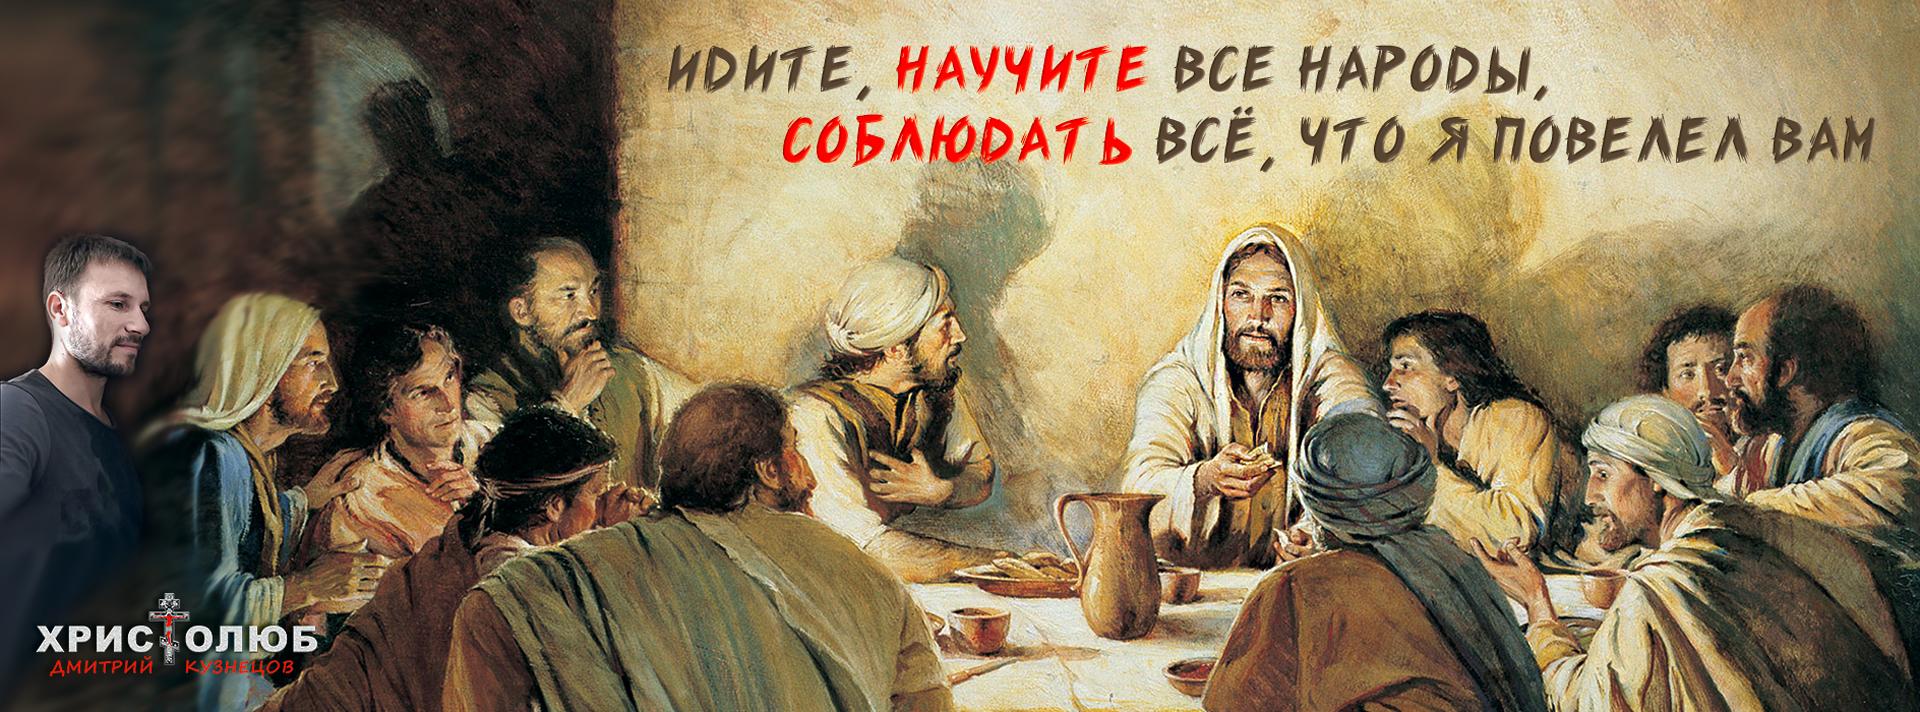 ХРИСТОЛЮБ проповеди новый завет ветхий завет БИБЛИЯ